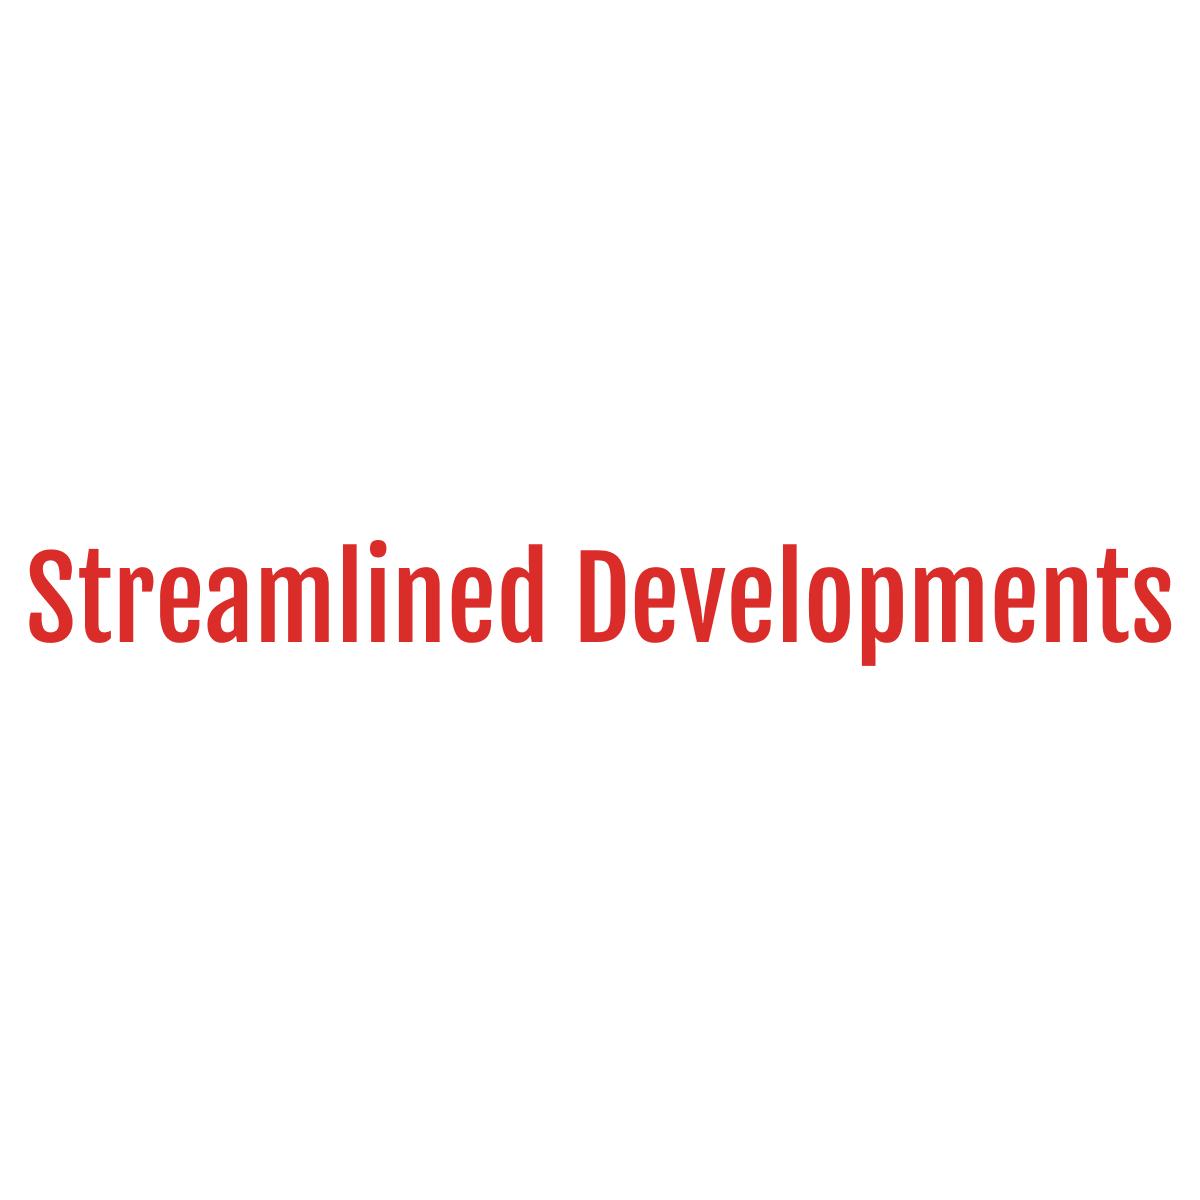 Streamlined Developments